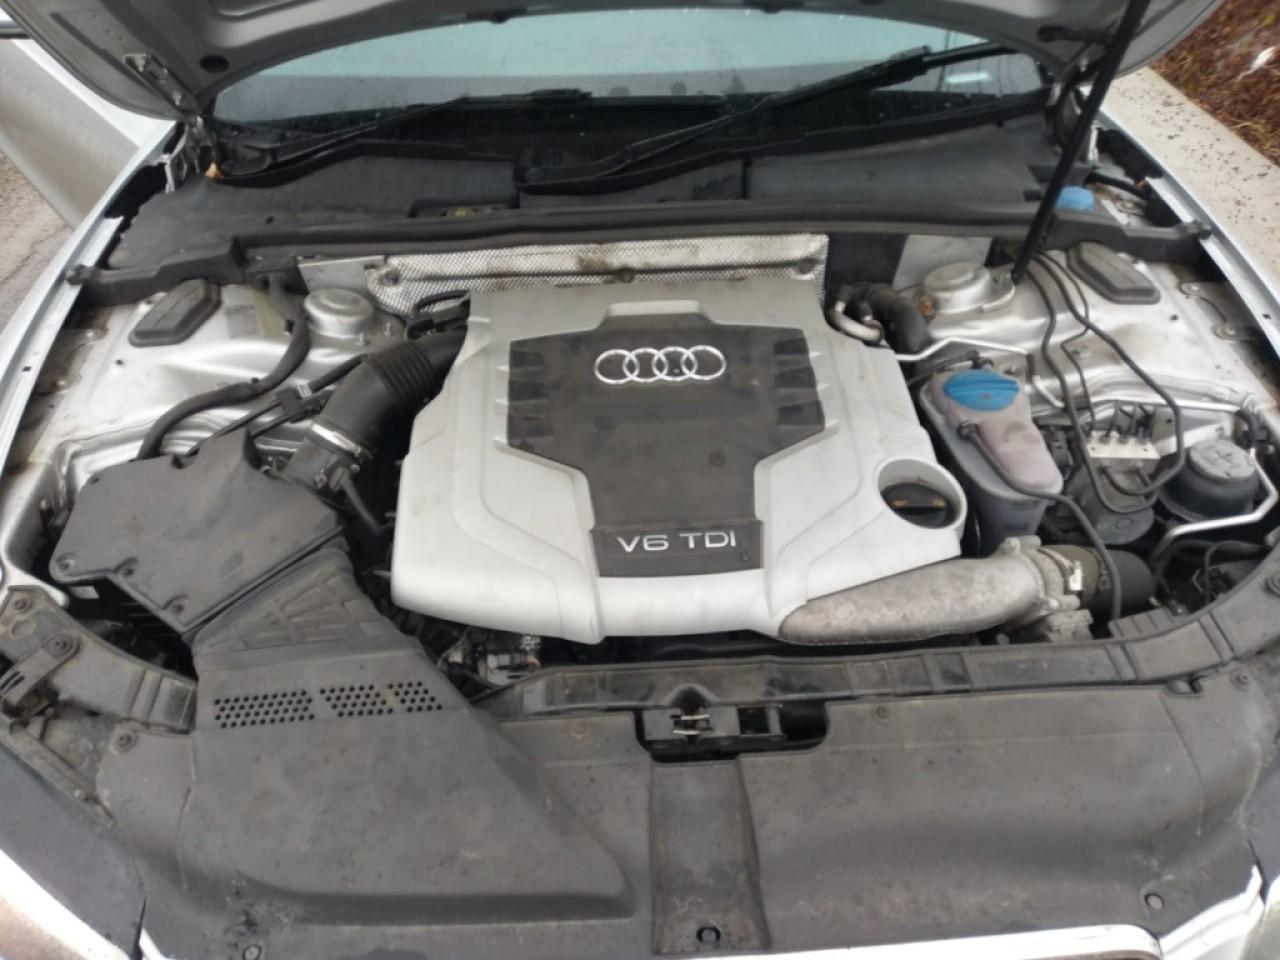 Pompa ABS Audi A5 2008 Coupe 2.7TDI cama